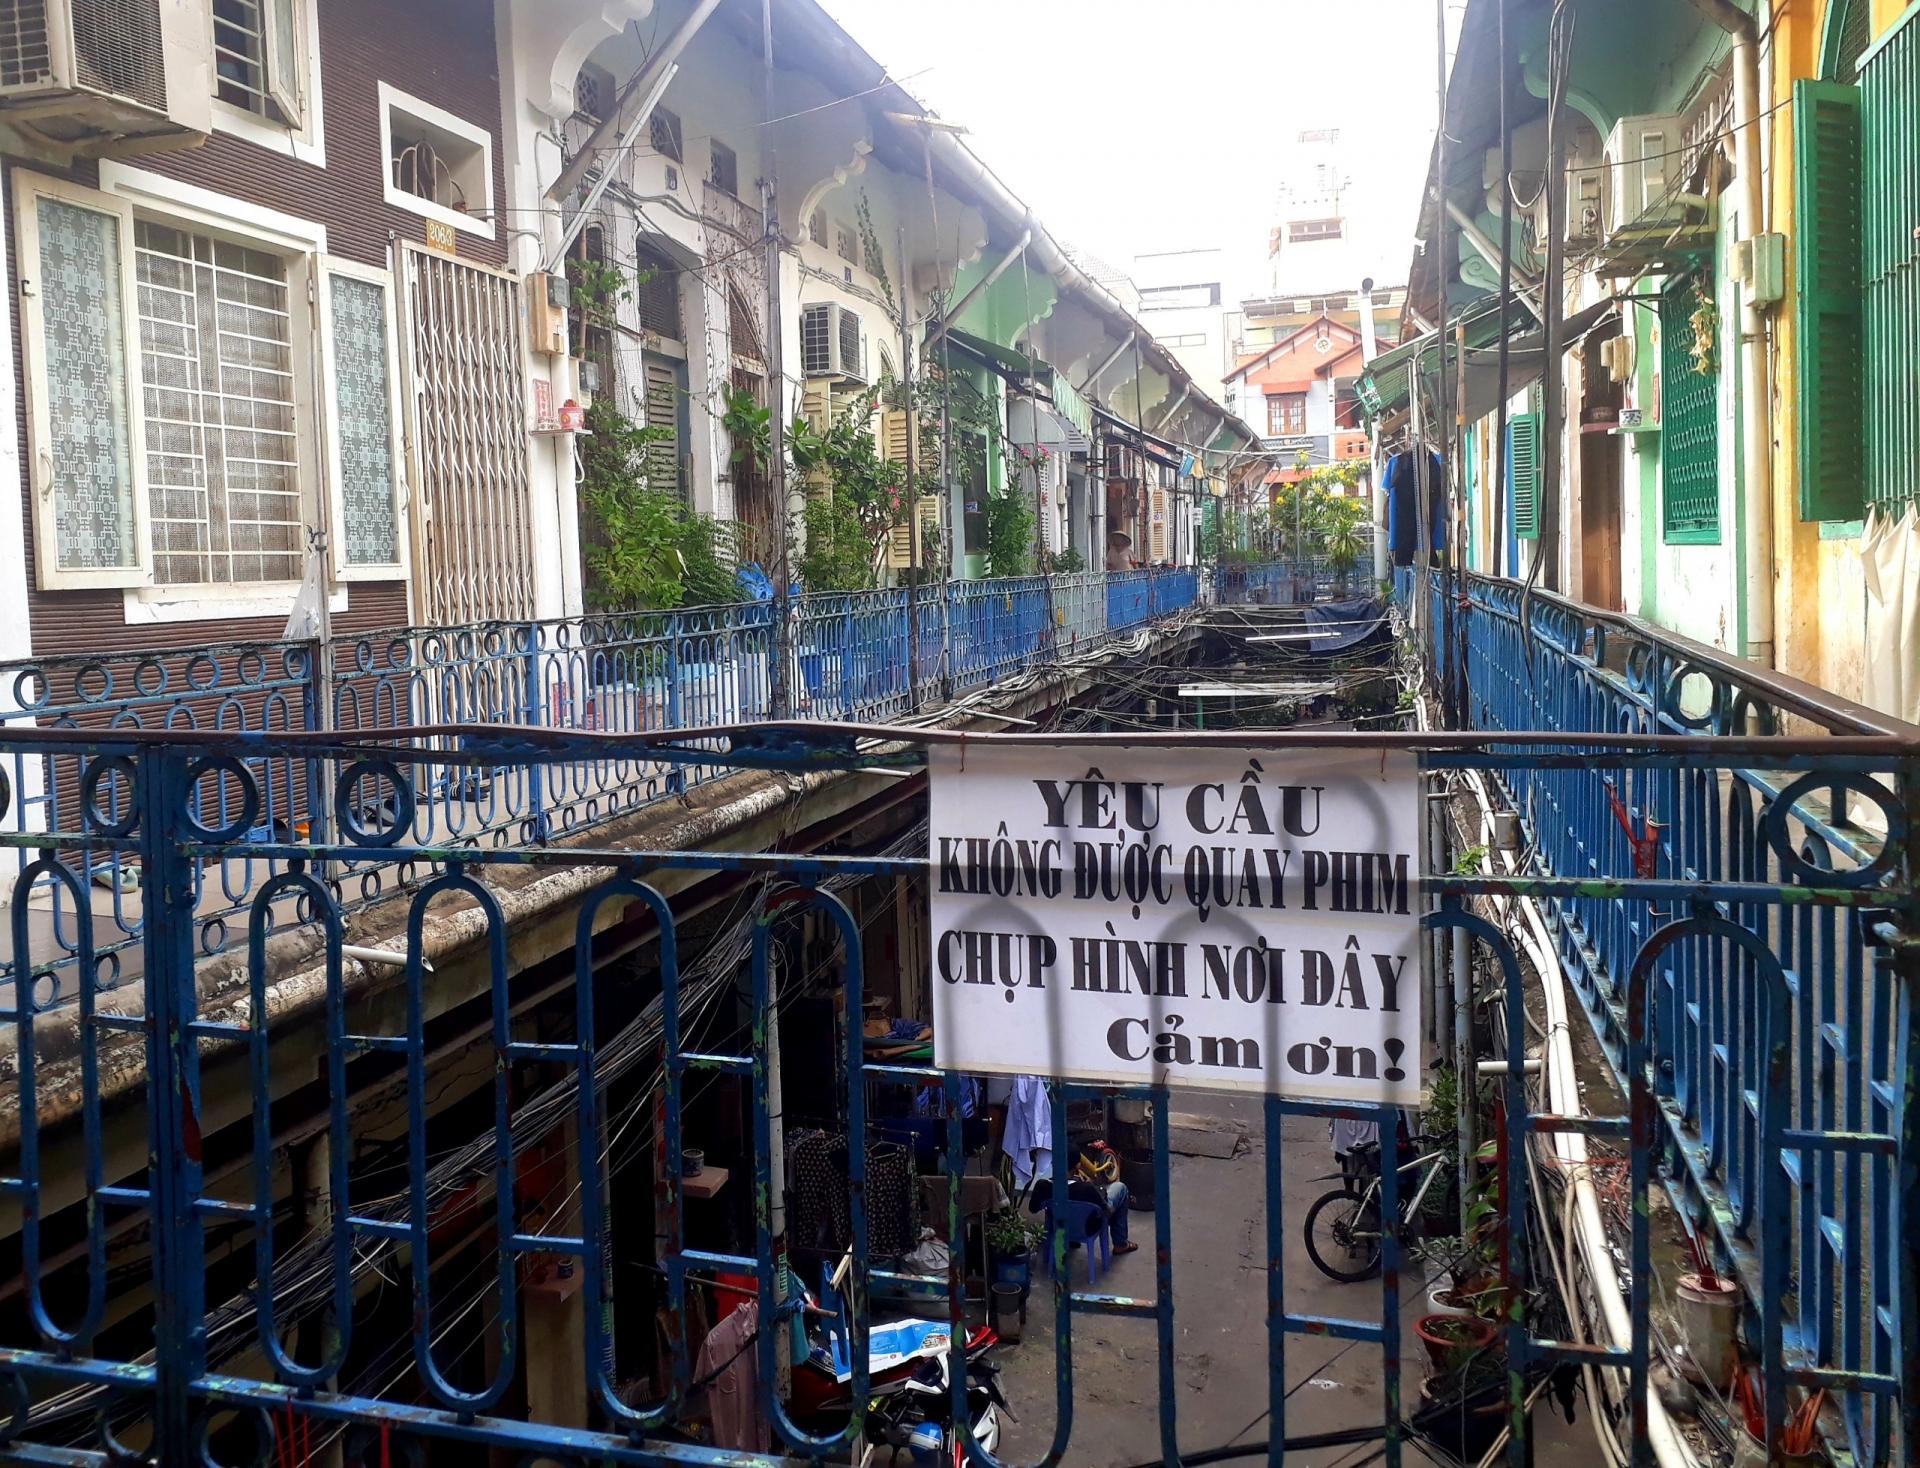 Cư dân Hào Sĩ Phường: 'Đây là nhà ở, không phải phim trường'